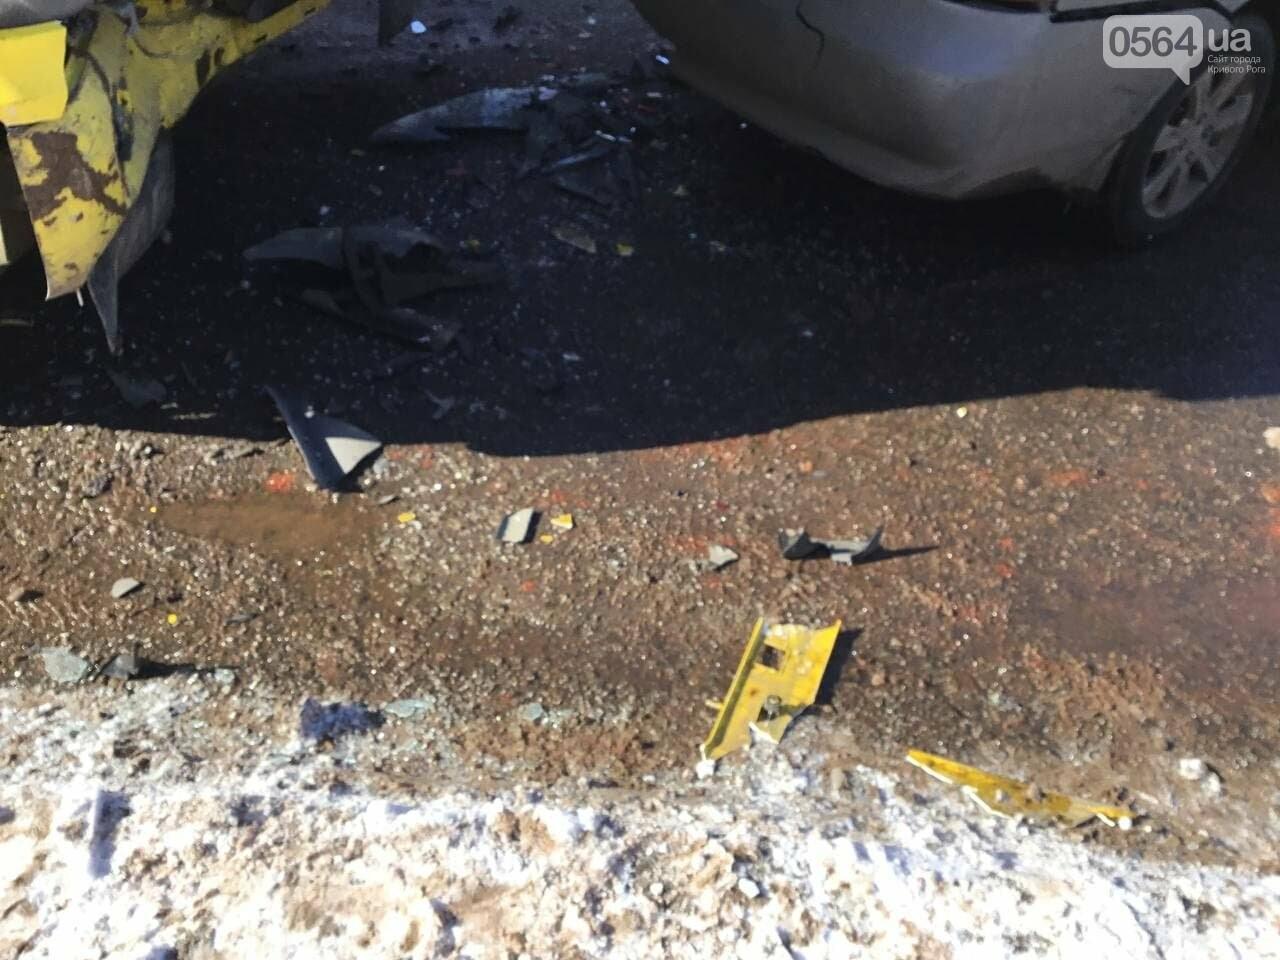 ДТП в Кривом Роге: из-за столкновения фуры с легковушкой последнюю развернуло под удар другого большегруза, - ФОТО, фото-18